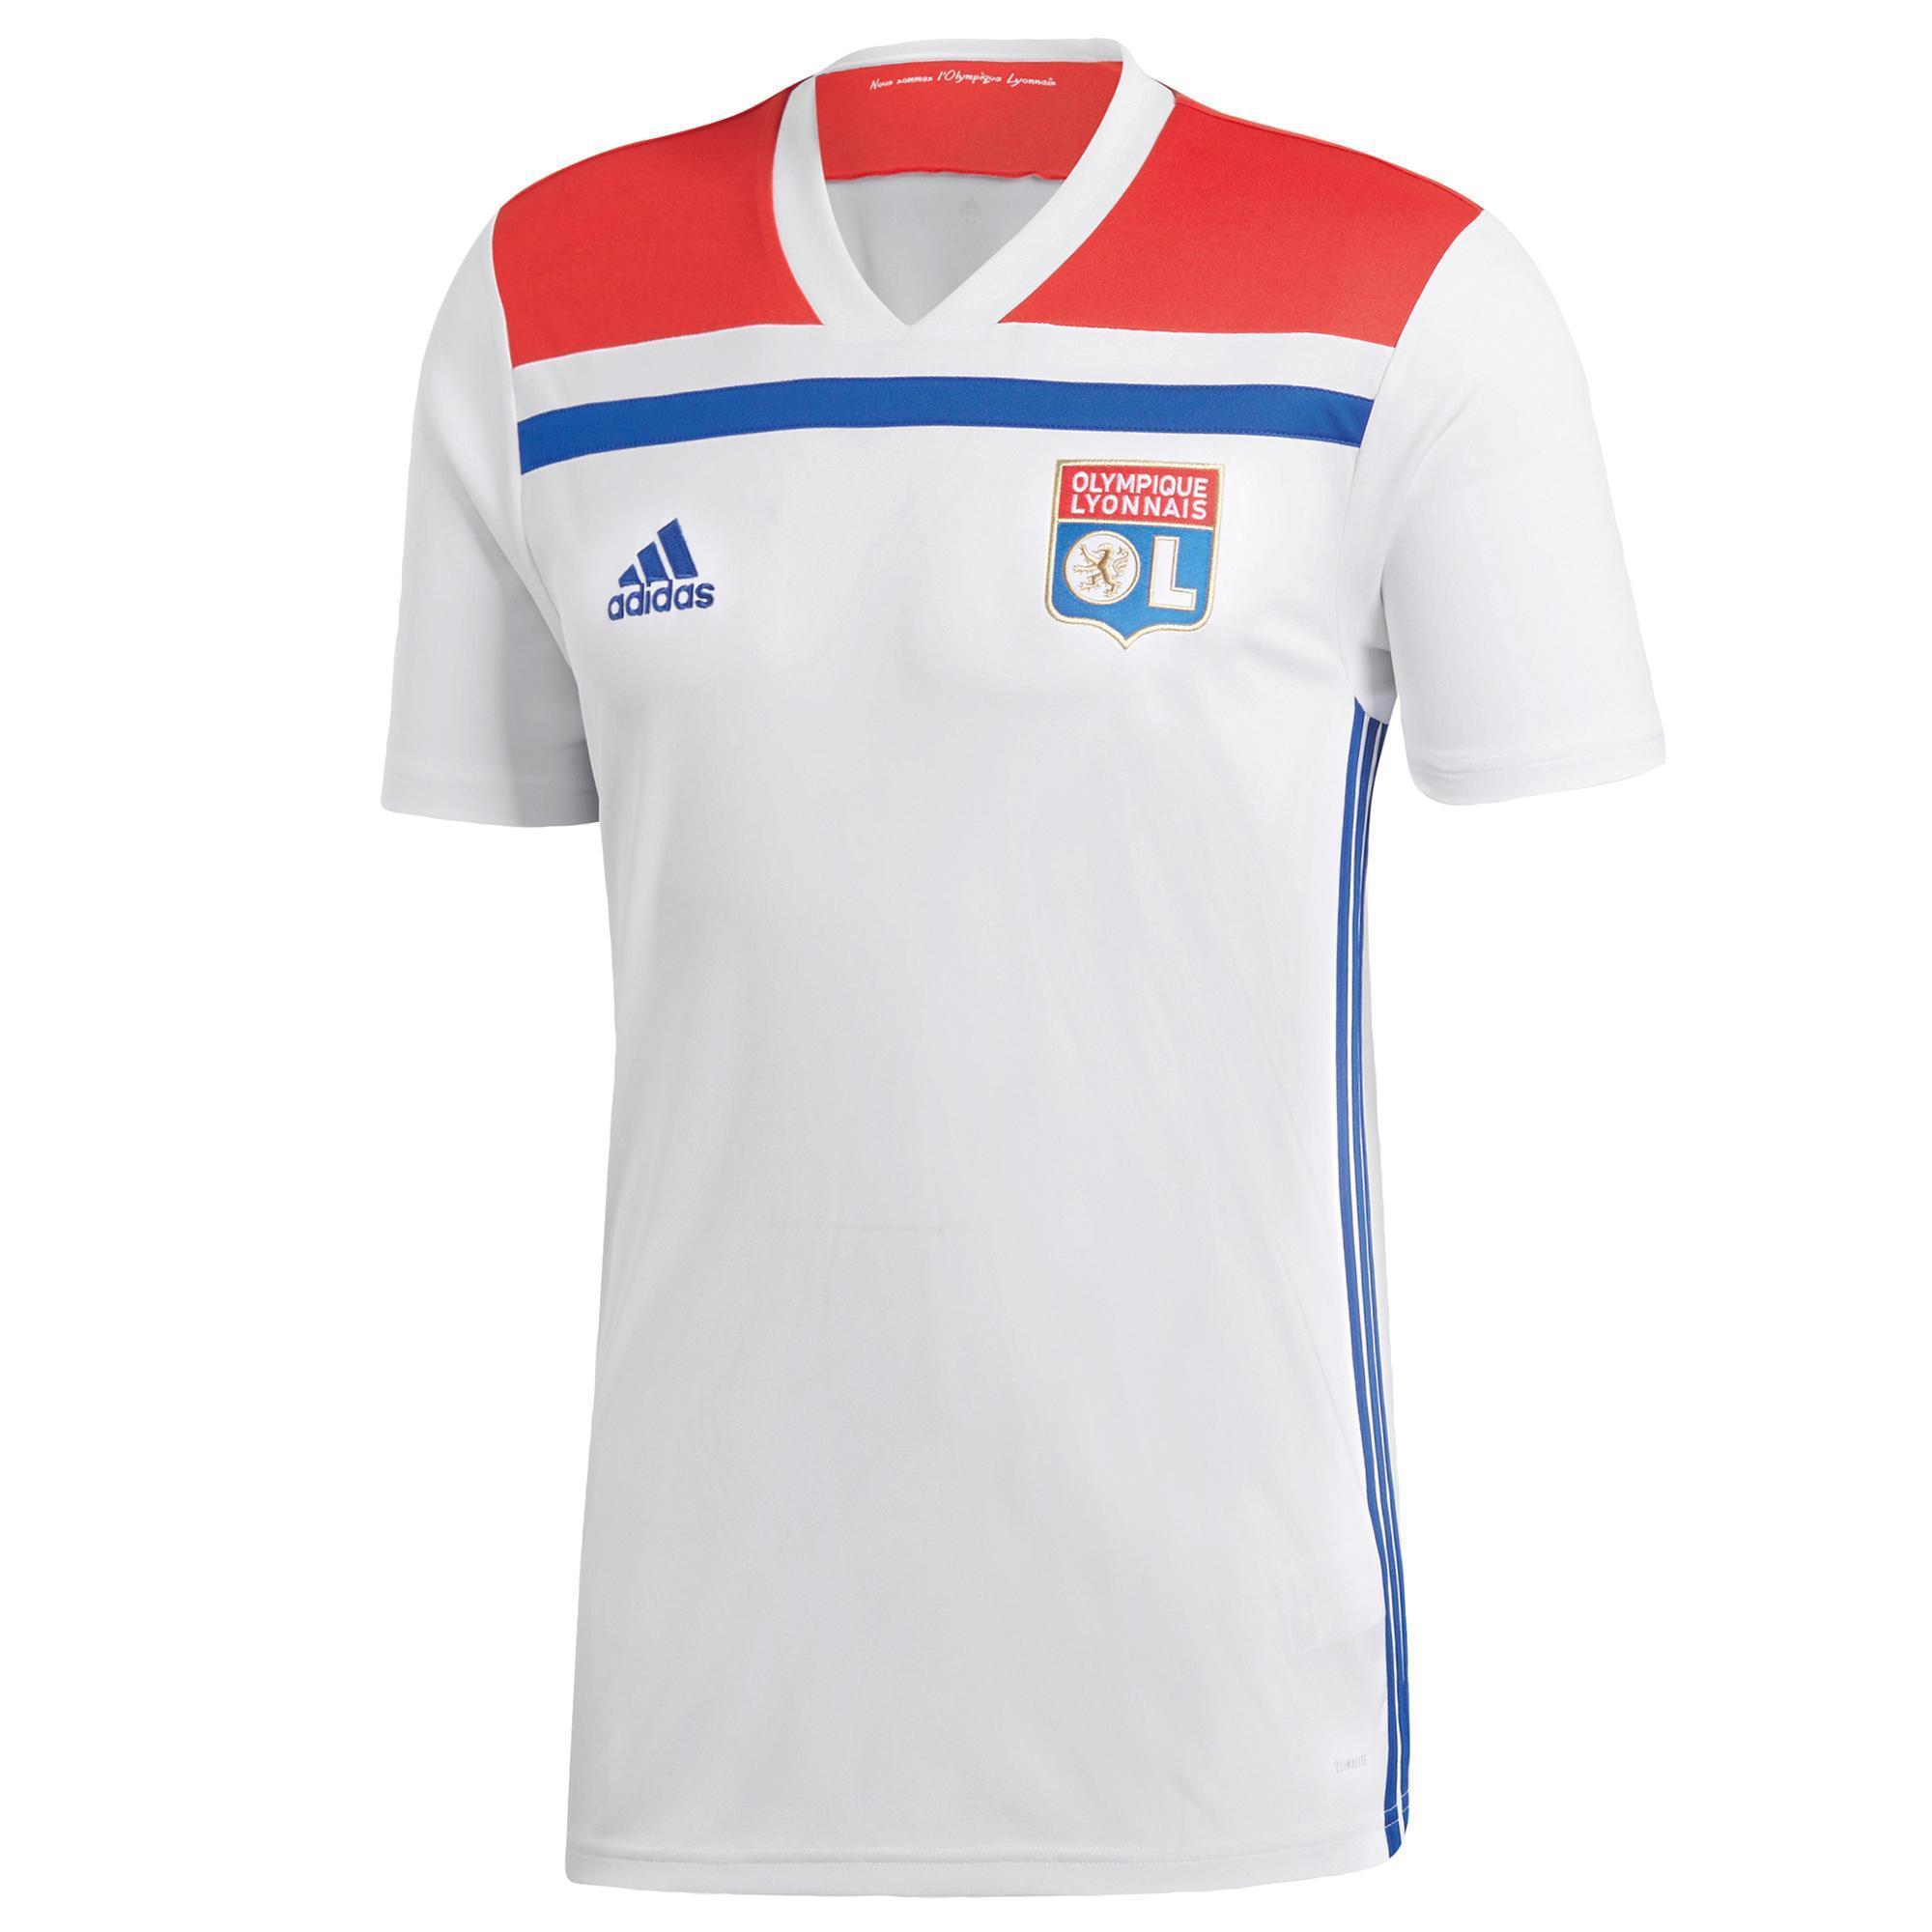 Camisetas Oficiales Selecciones y Equipos Fútbol  6b0ad38b951